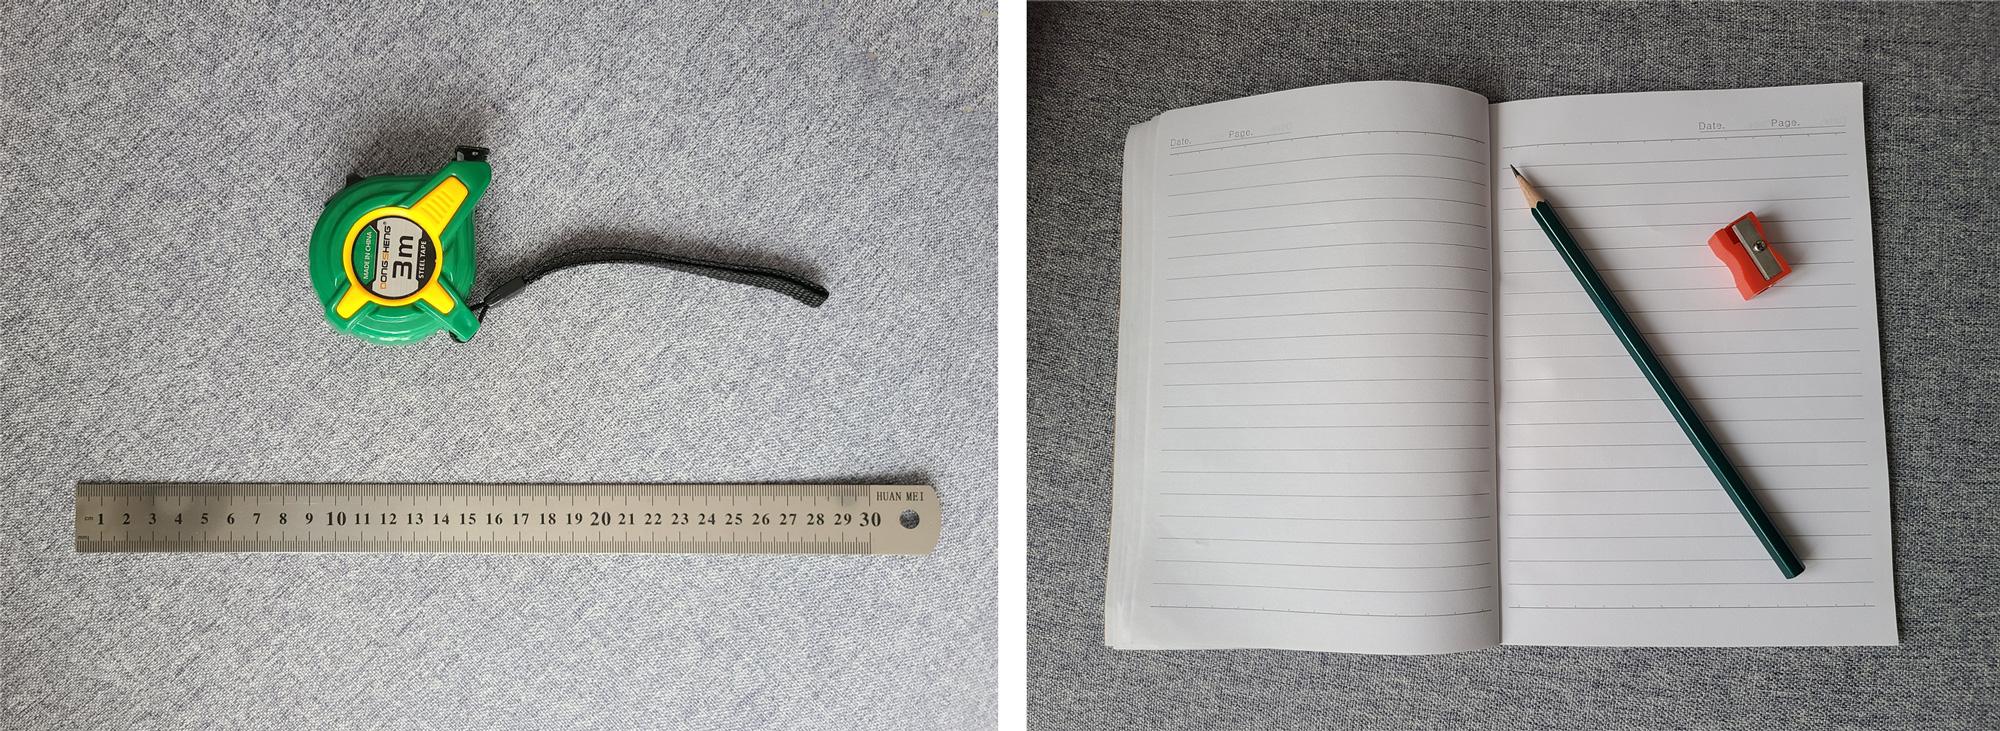 卷尺、钢尺、铅笔、卷笔刀和笔记本